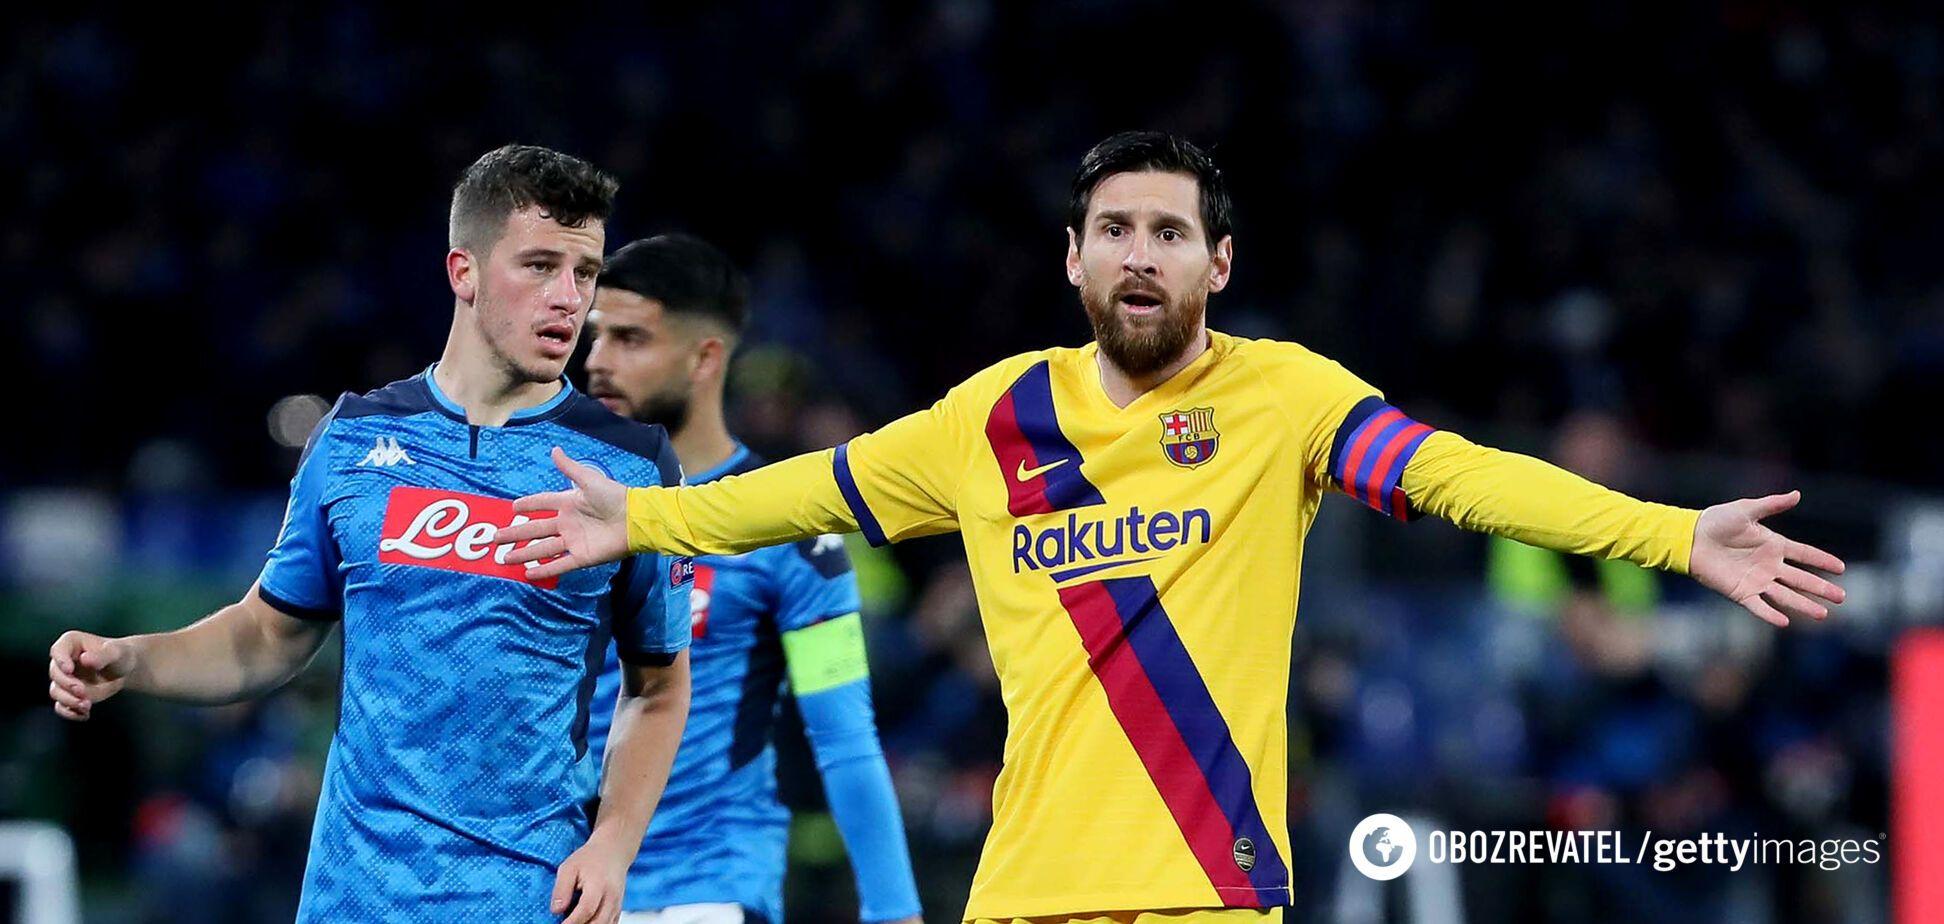 Незвичайне видалення! Наполі – Барселона: всі подробиці та результат матчу плей-офф Ліги чемпіонів